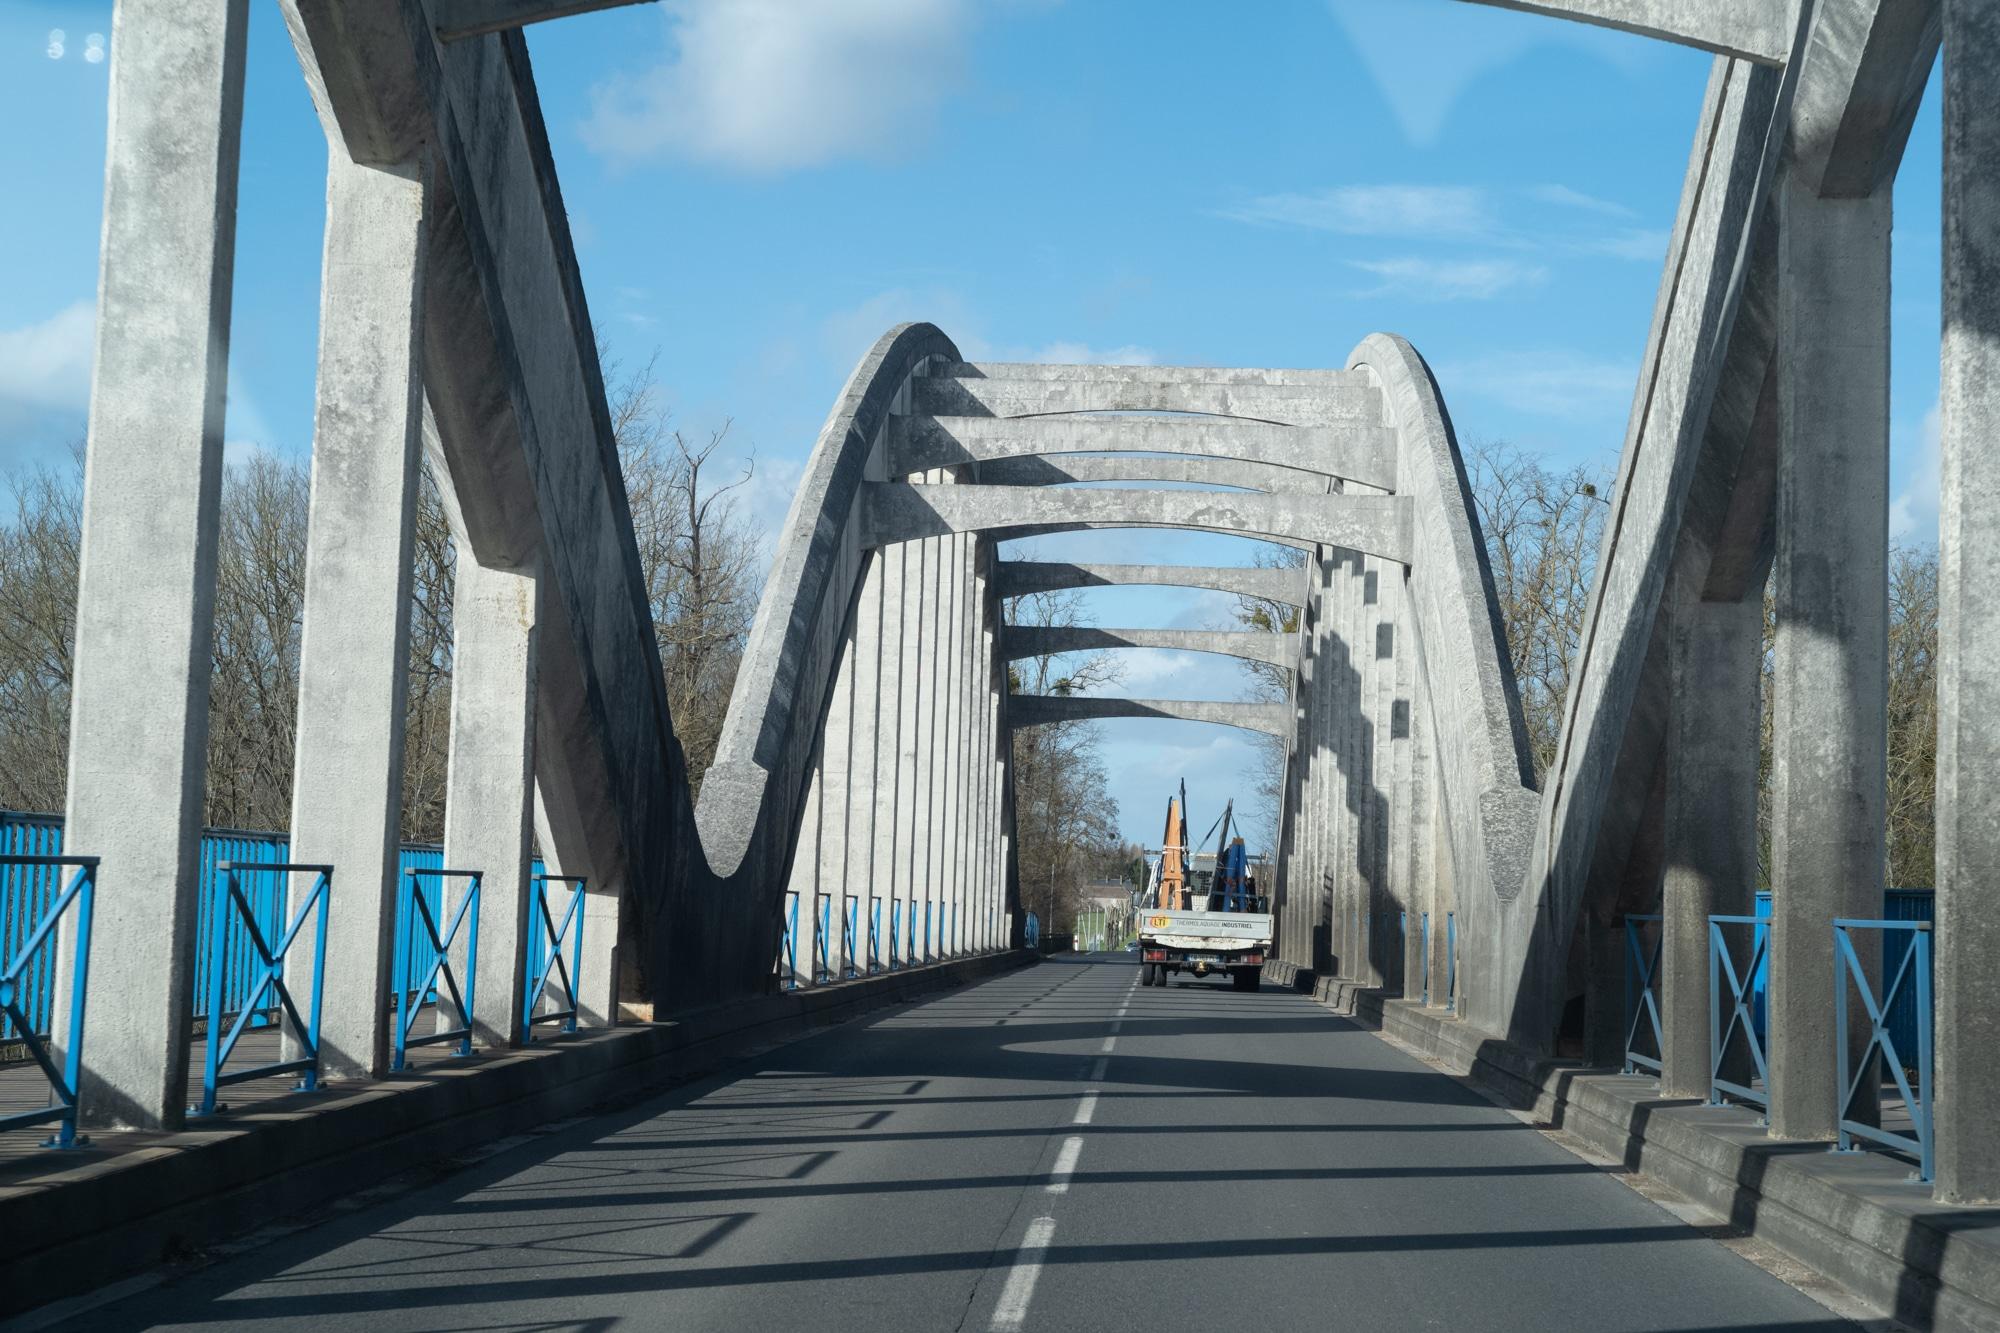 Le camion d'Arnaud est aperçu de dos, traversant un pont surmonté de structures bétonnées